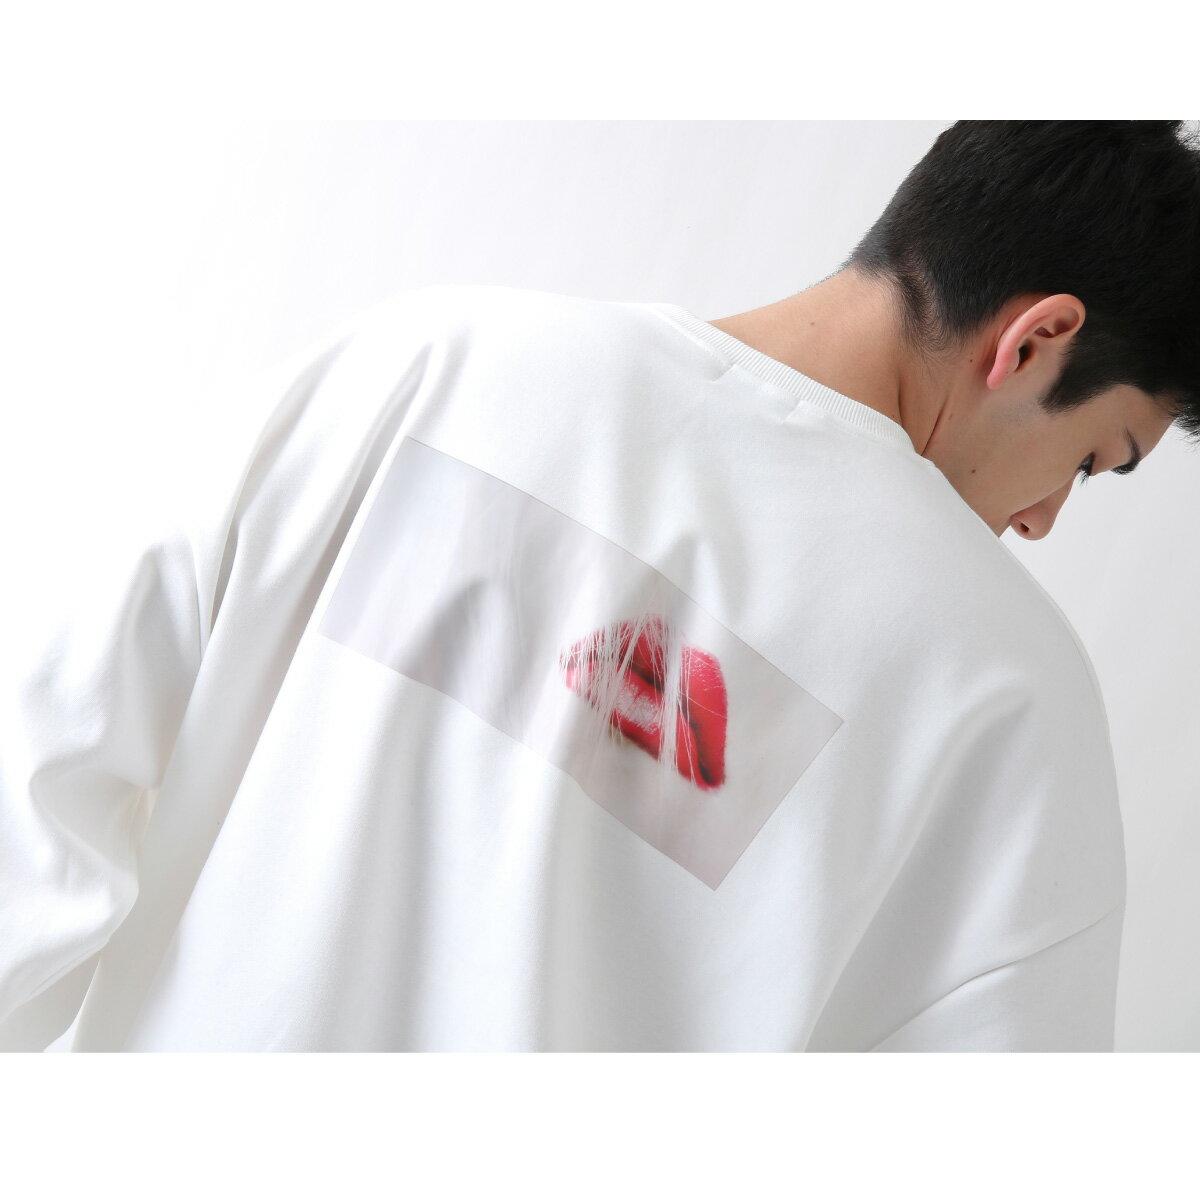 寬版運動衫 照片印刷設計 7